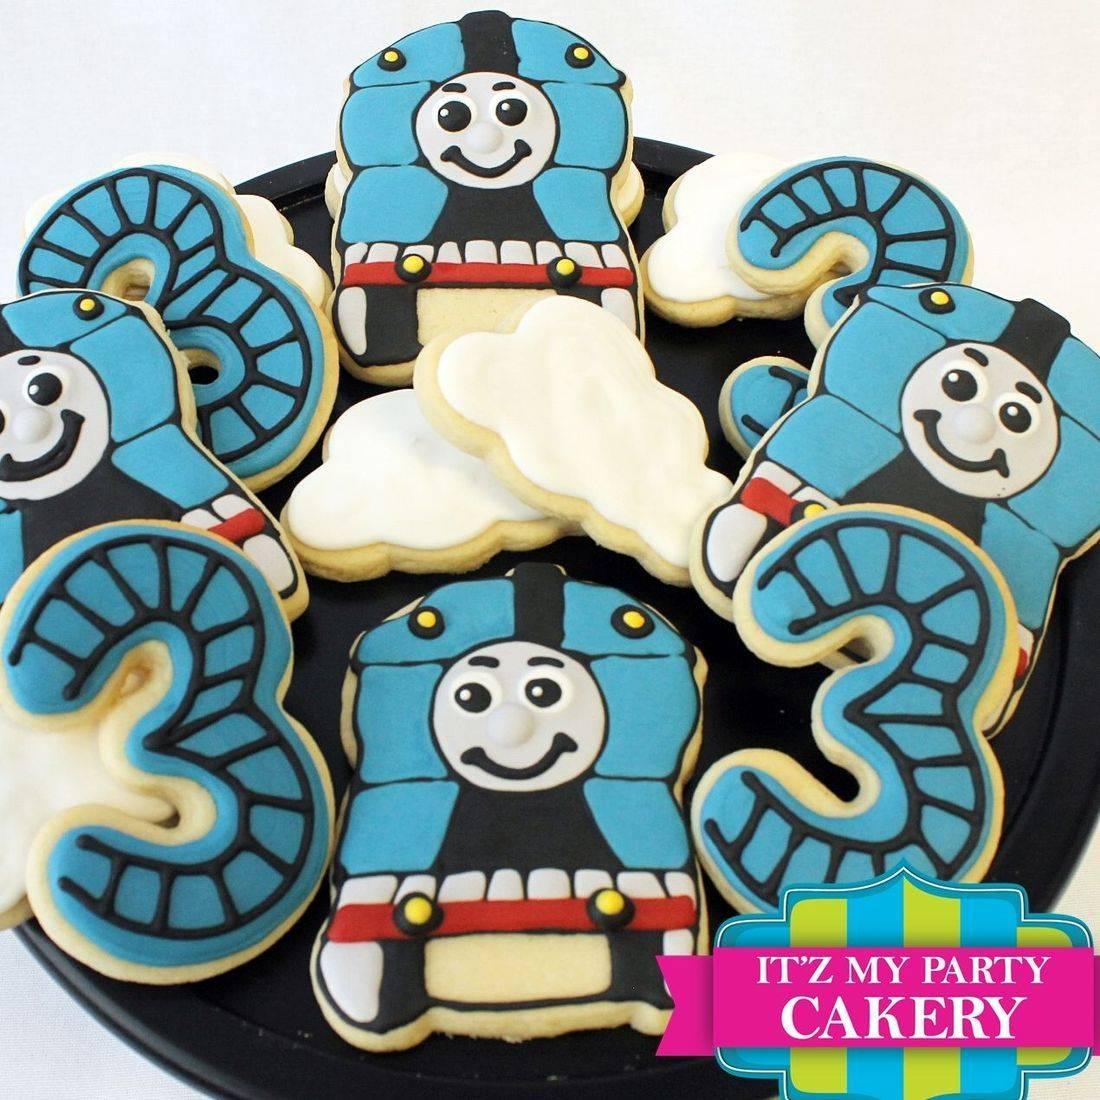 Thomas the Train cookies Milwaukee